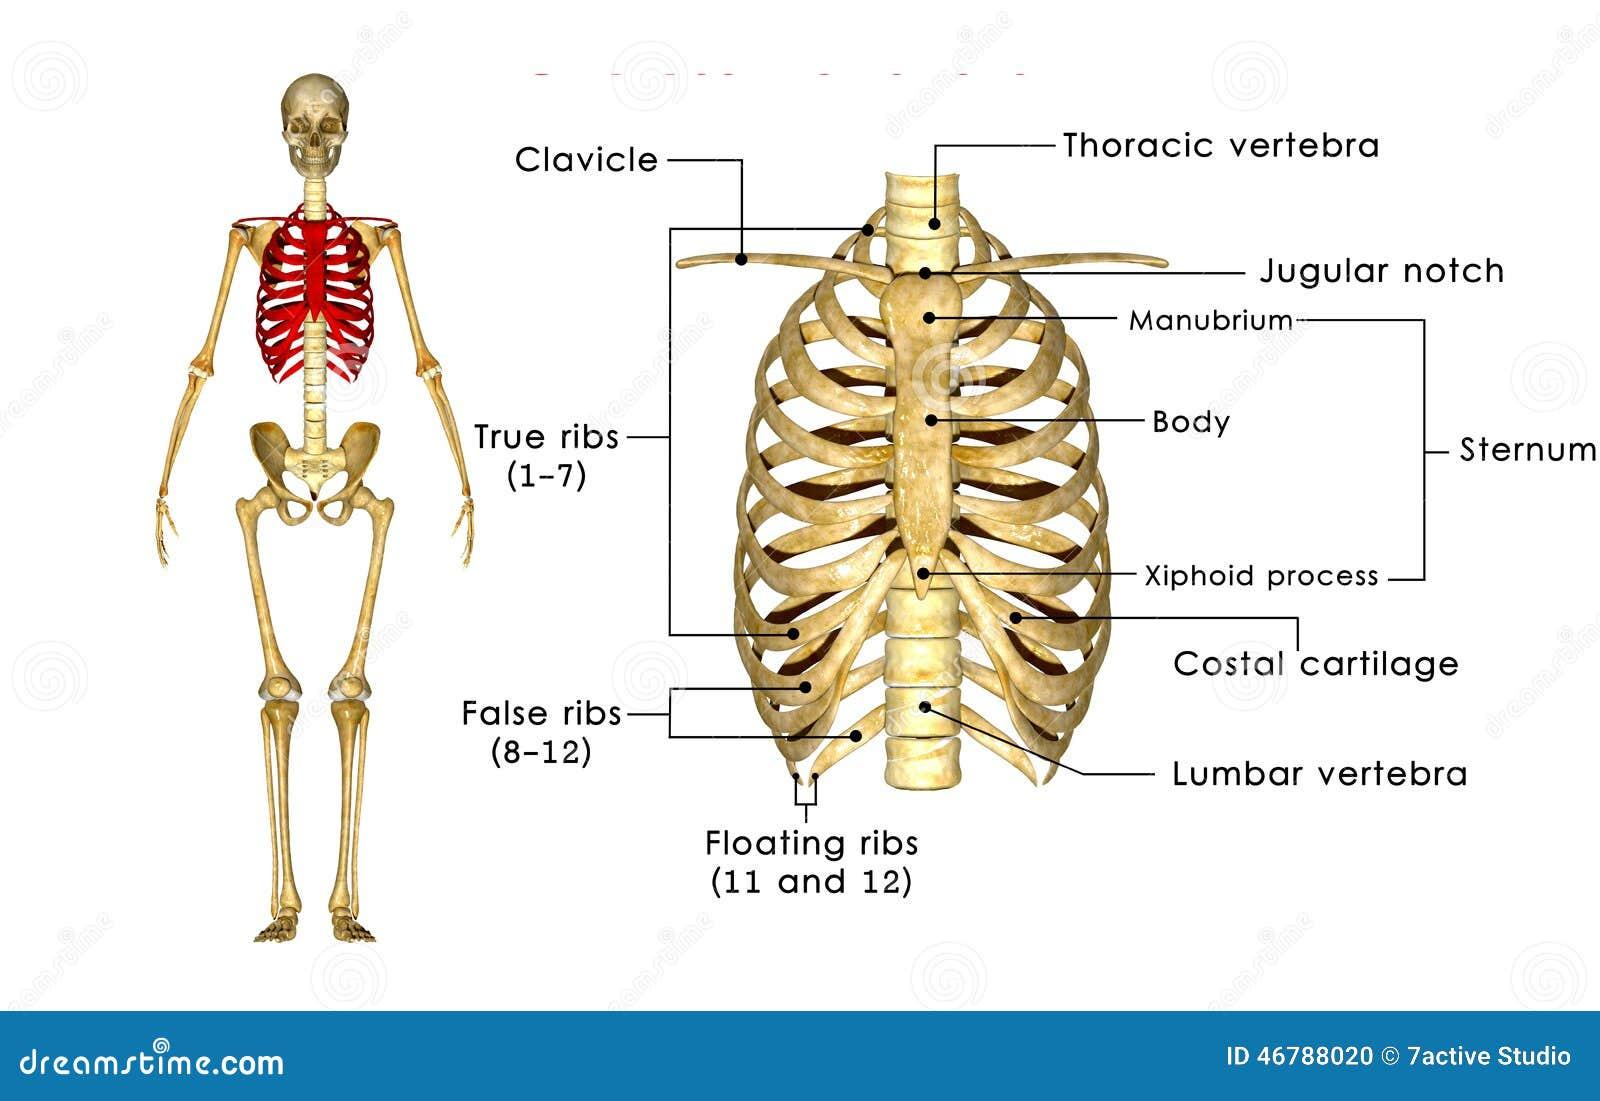 skeleton of thorax stock illustration image of cage 46788020. Black Bedroom Furniture Sets. Home Design Ideas